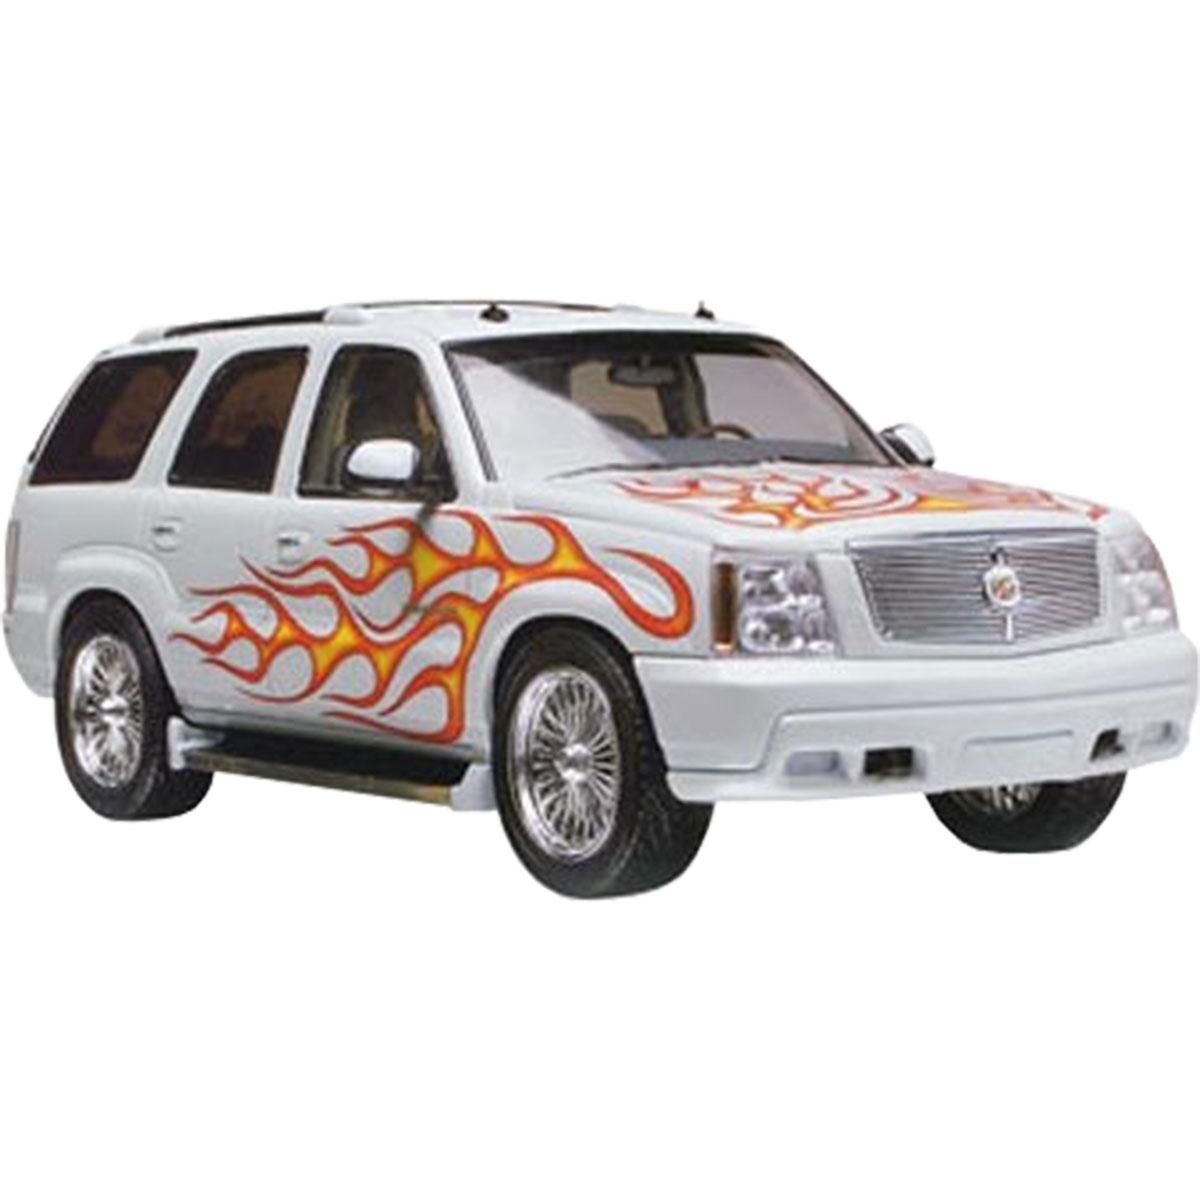 Cadillac Escalade California Wheels 2ª edição 1:24 - 852881 - Revell